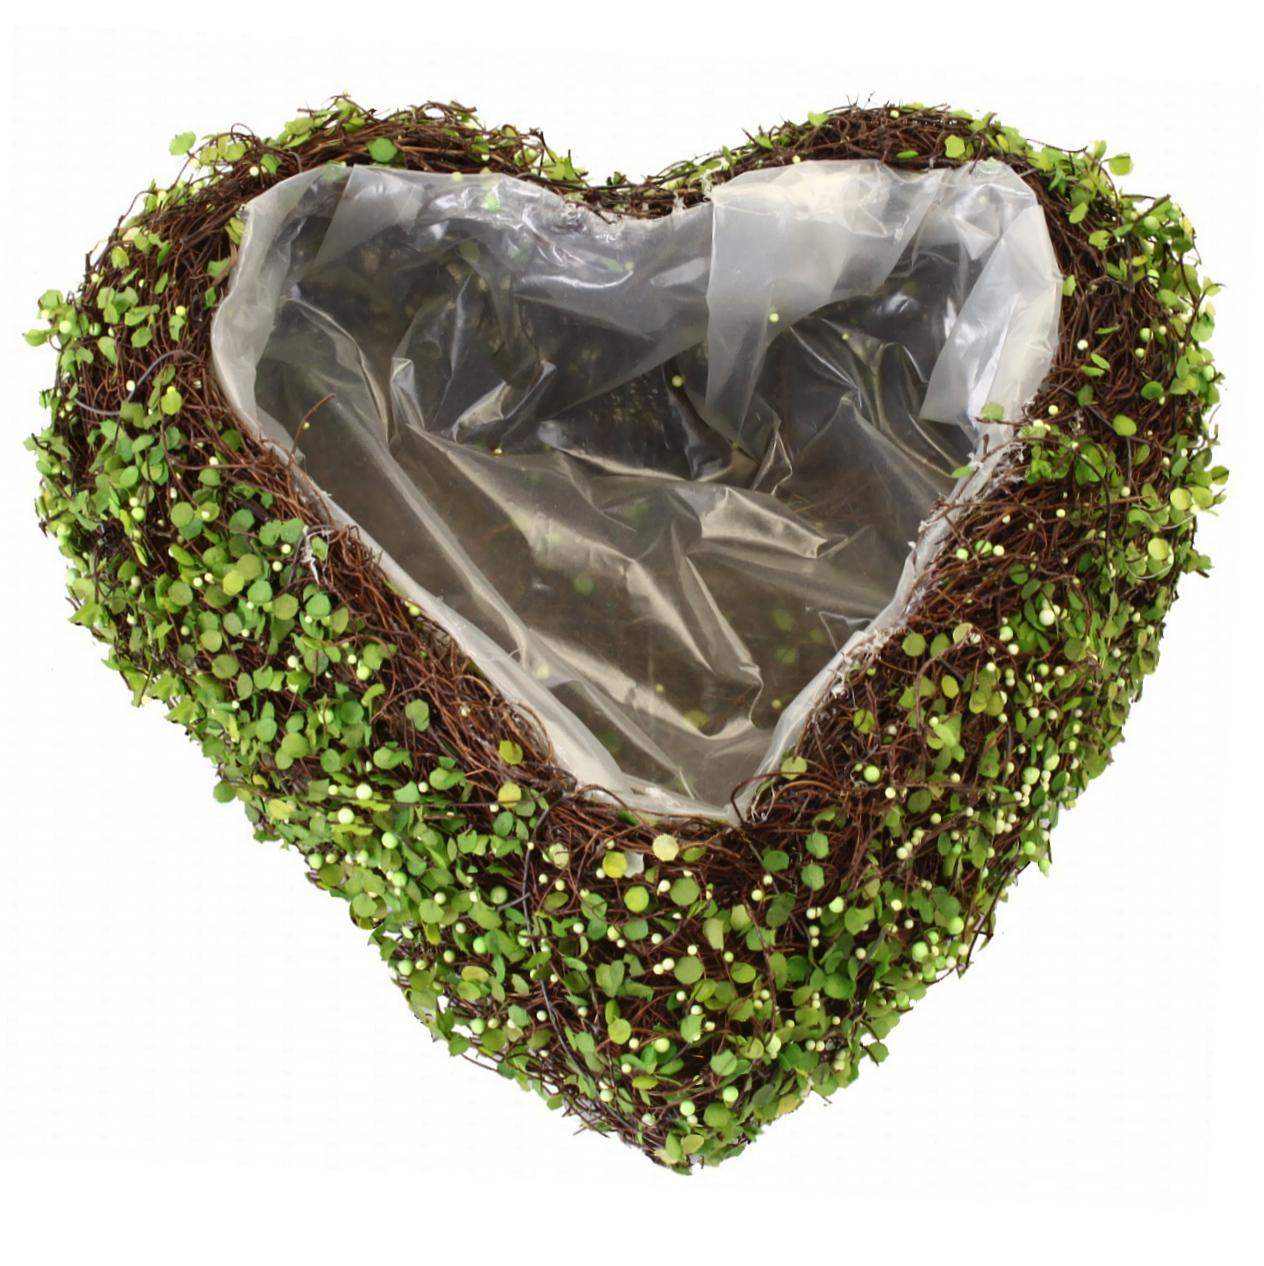 Rebenherz 25cm, Ostern, Frühling, Deko, Pflanzherz, Garten, Pflanzen